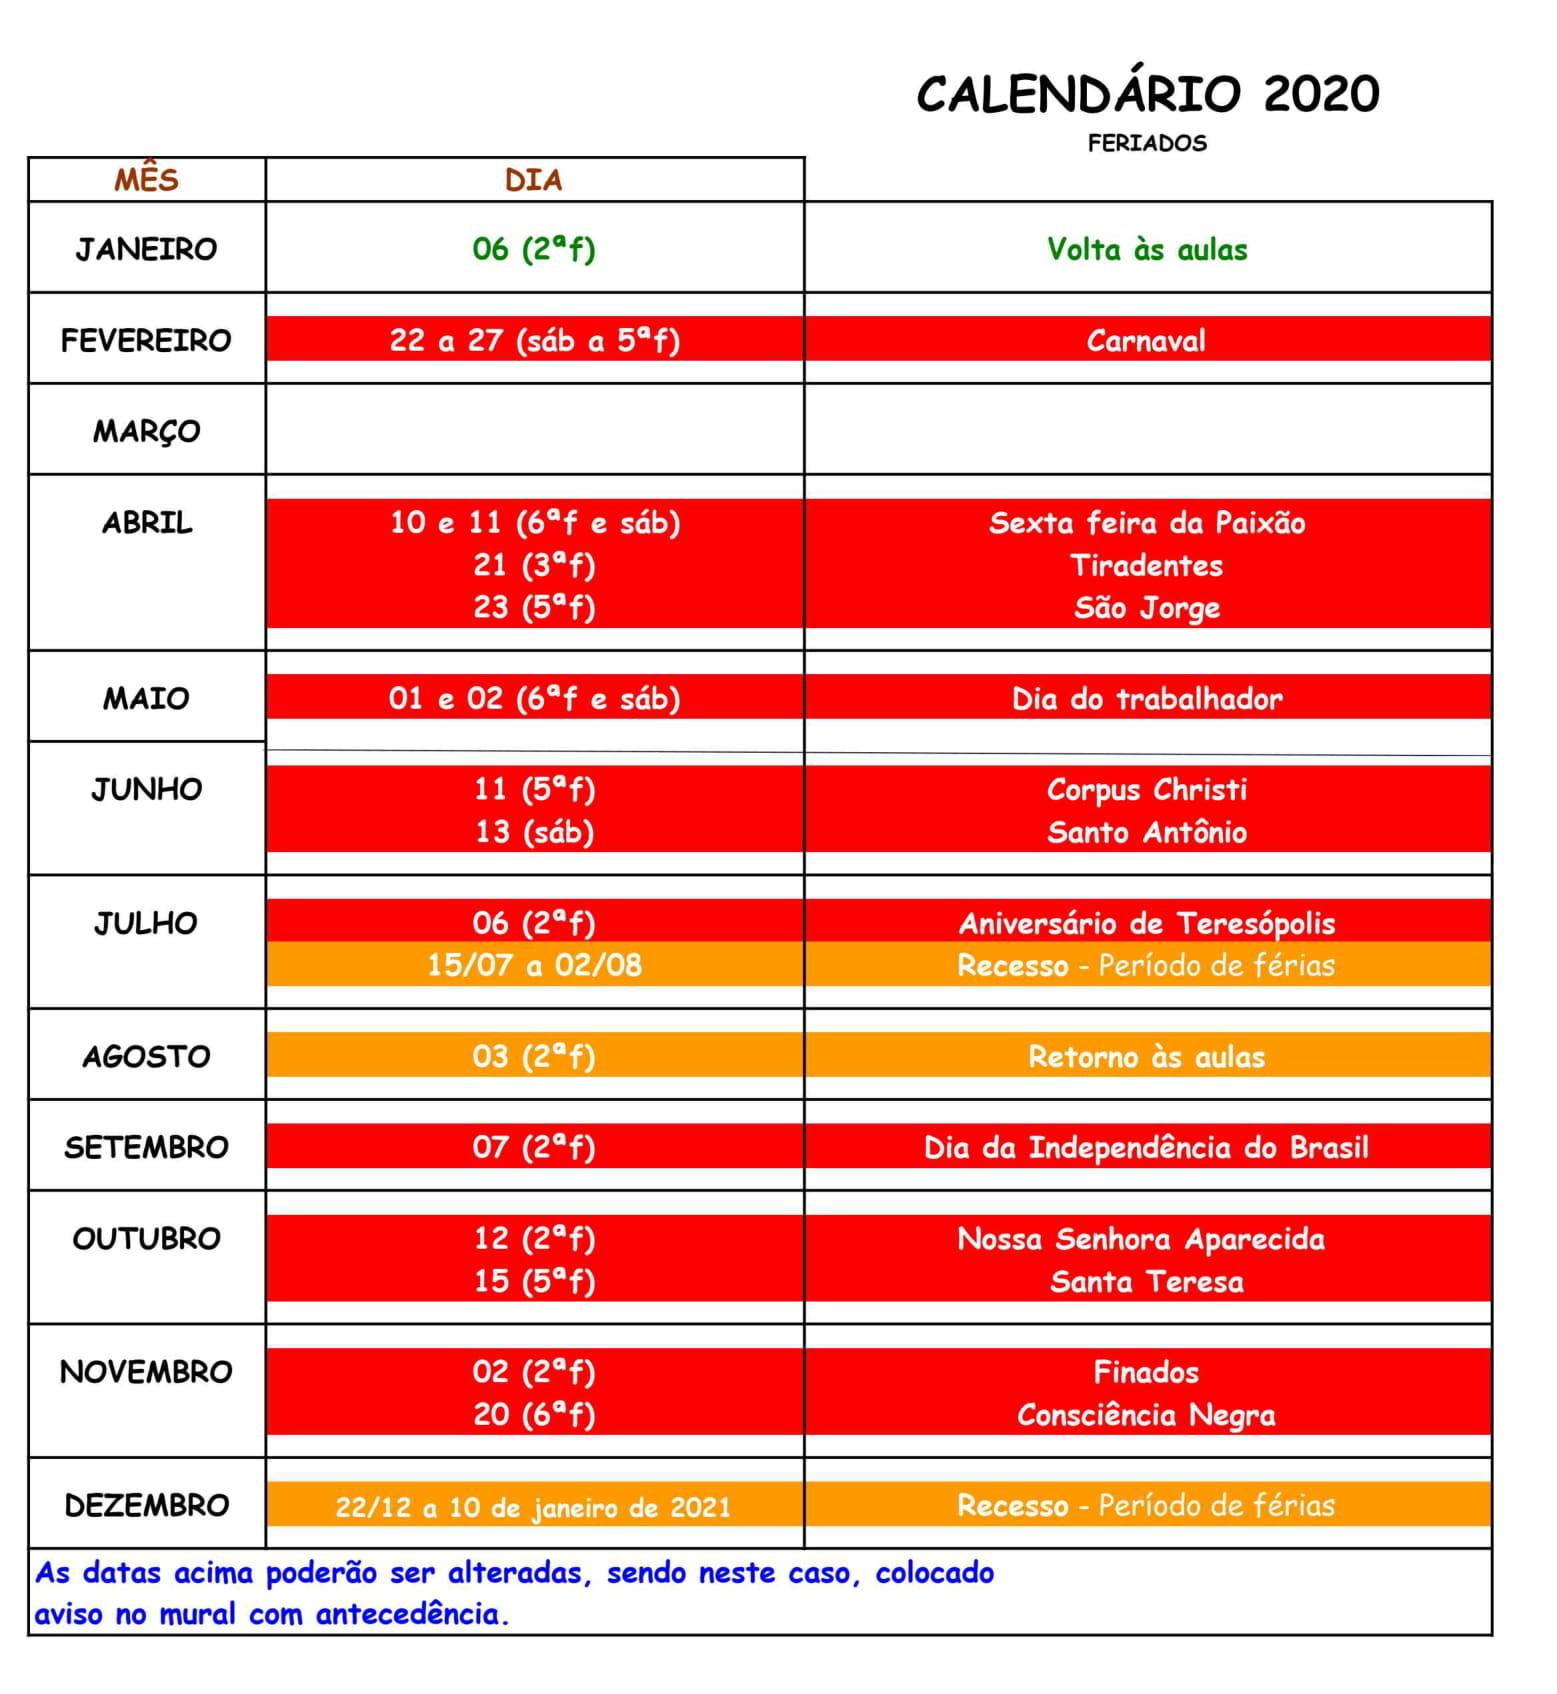 Calendário 2020 - Instituto de Artes